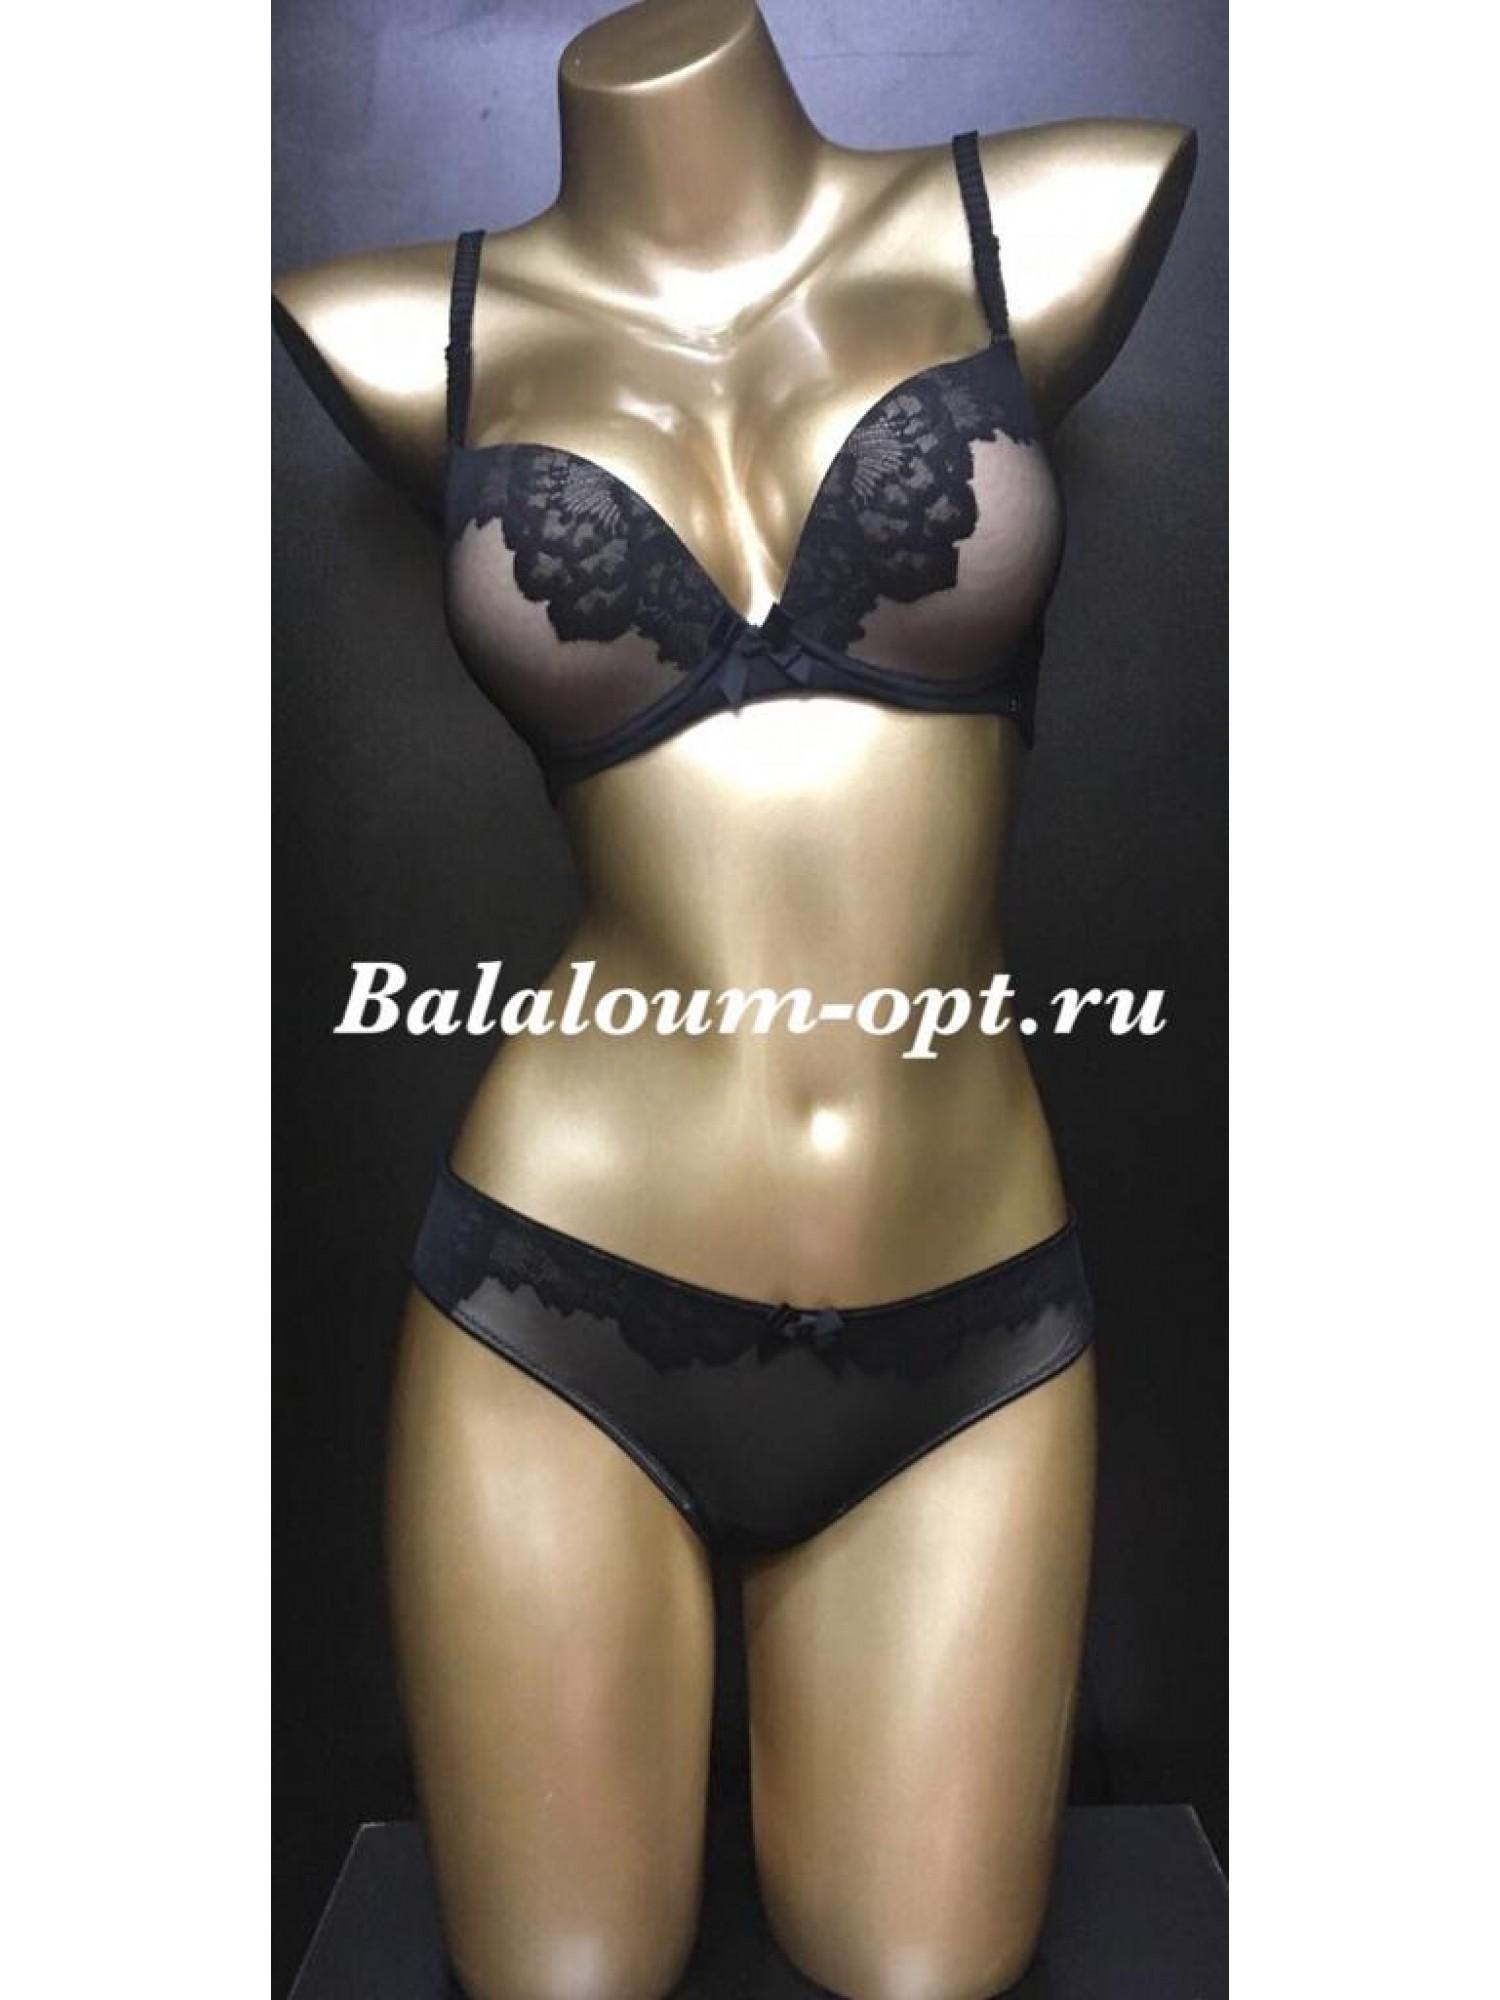 Комплект женского нижнего белья Balaloum А9381 Чёрно-коричневый